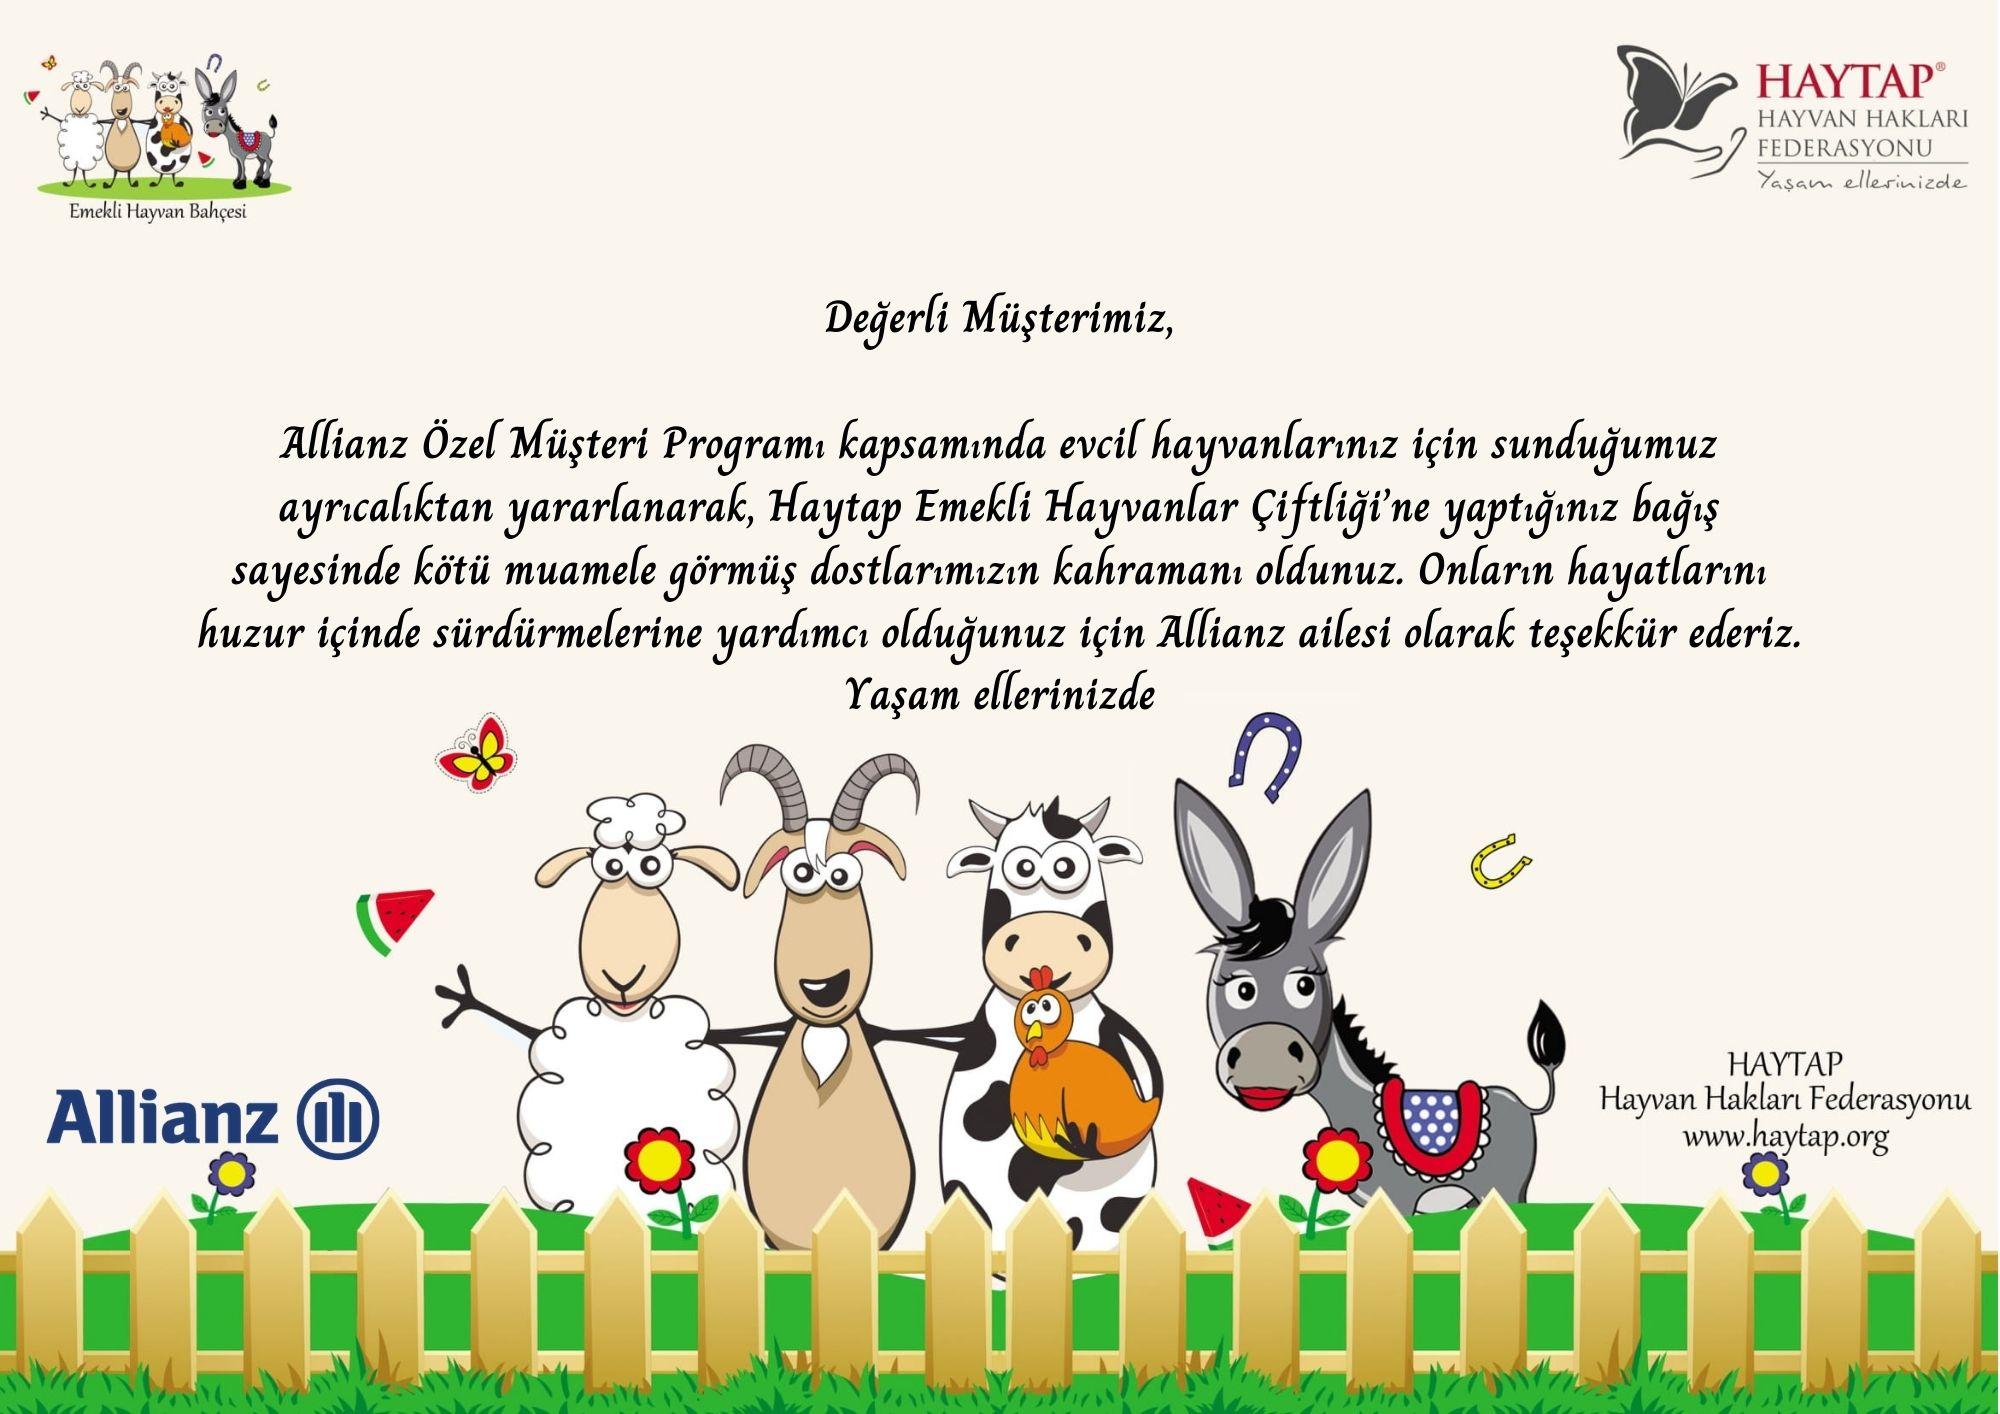 Emekli Hayvanlar Çiftliğimizin Destekçileri Arasına Allianz Türkiye de Katıldı